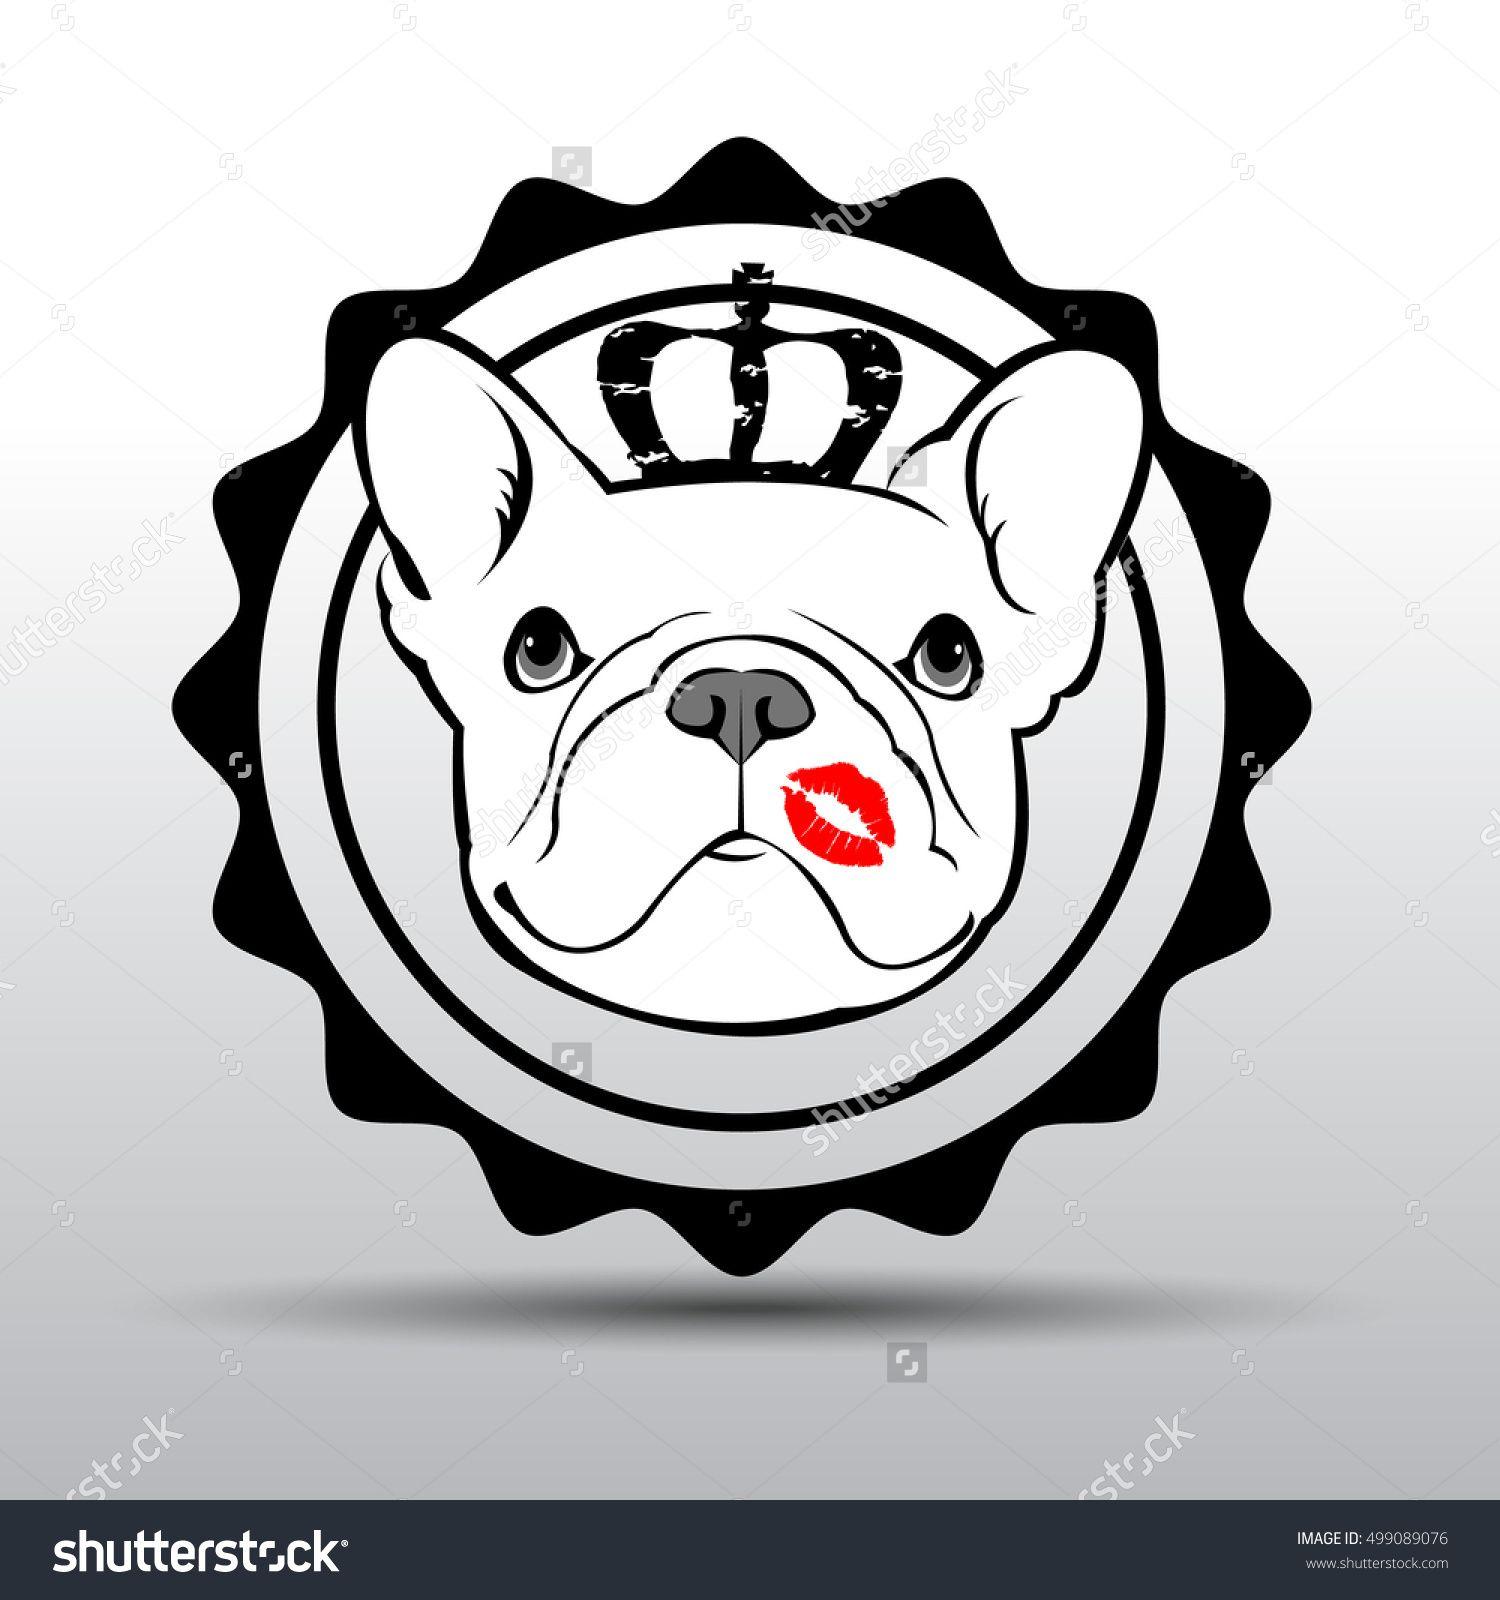 Atemberaubend Baby Bulldog Färbung Seiten Bilder - Malvorlagen Ideen ...